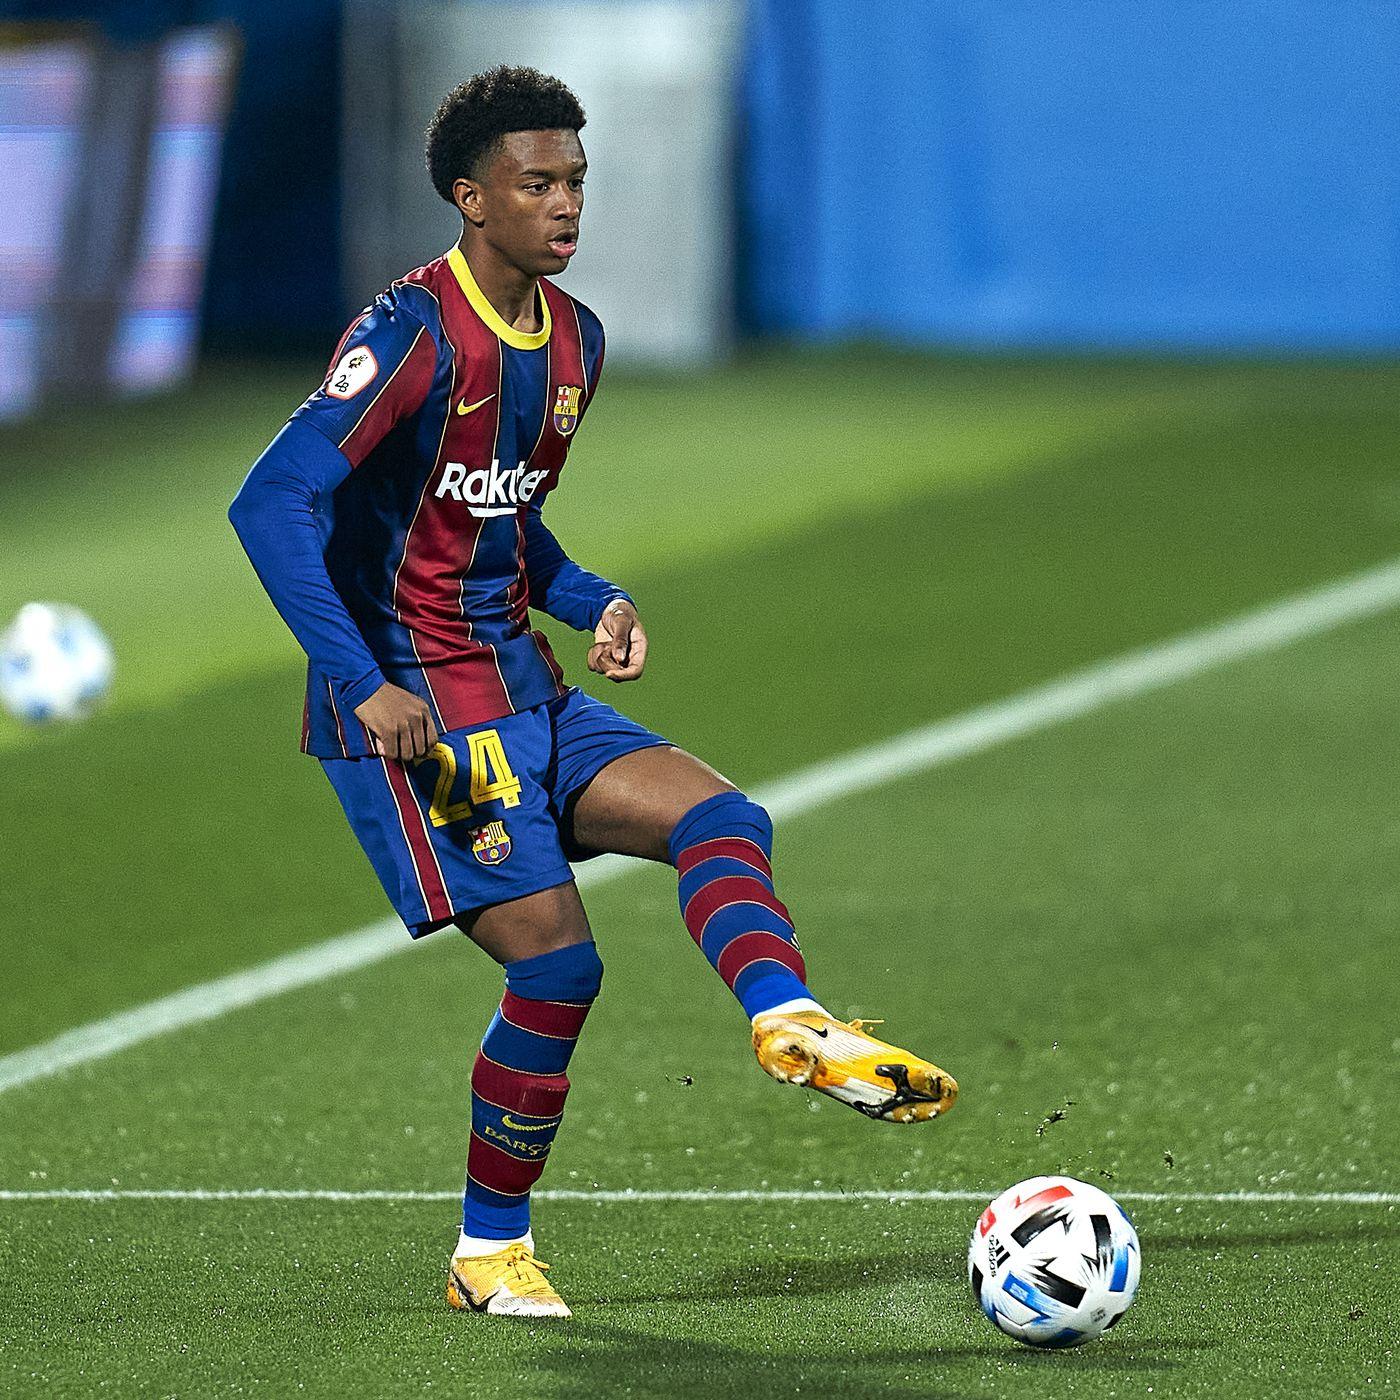 """""""Barselona""""da 500 milyonluq 17 yaşlı futbolçu"""